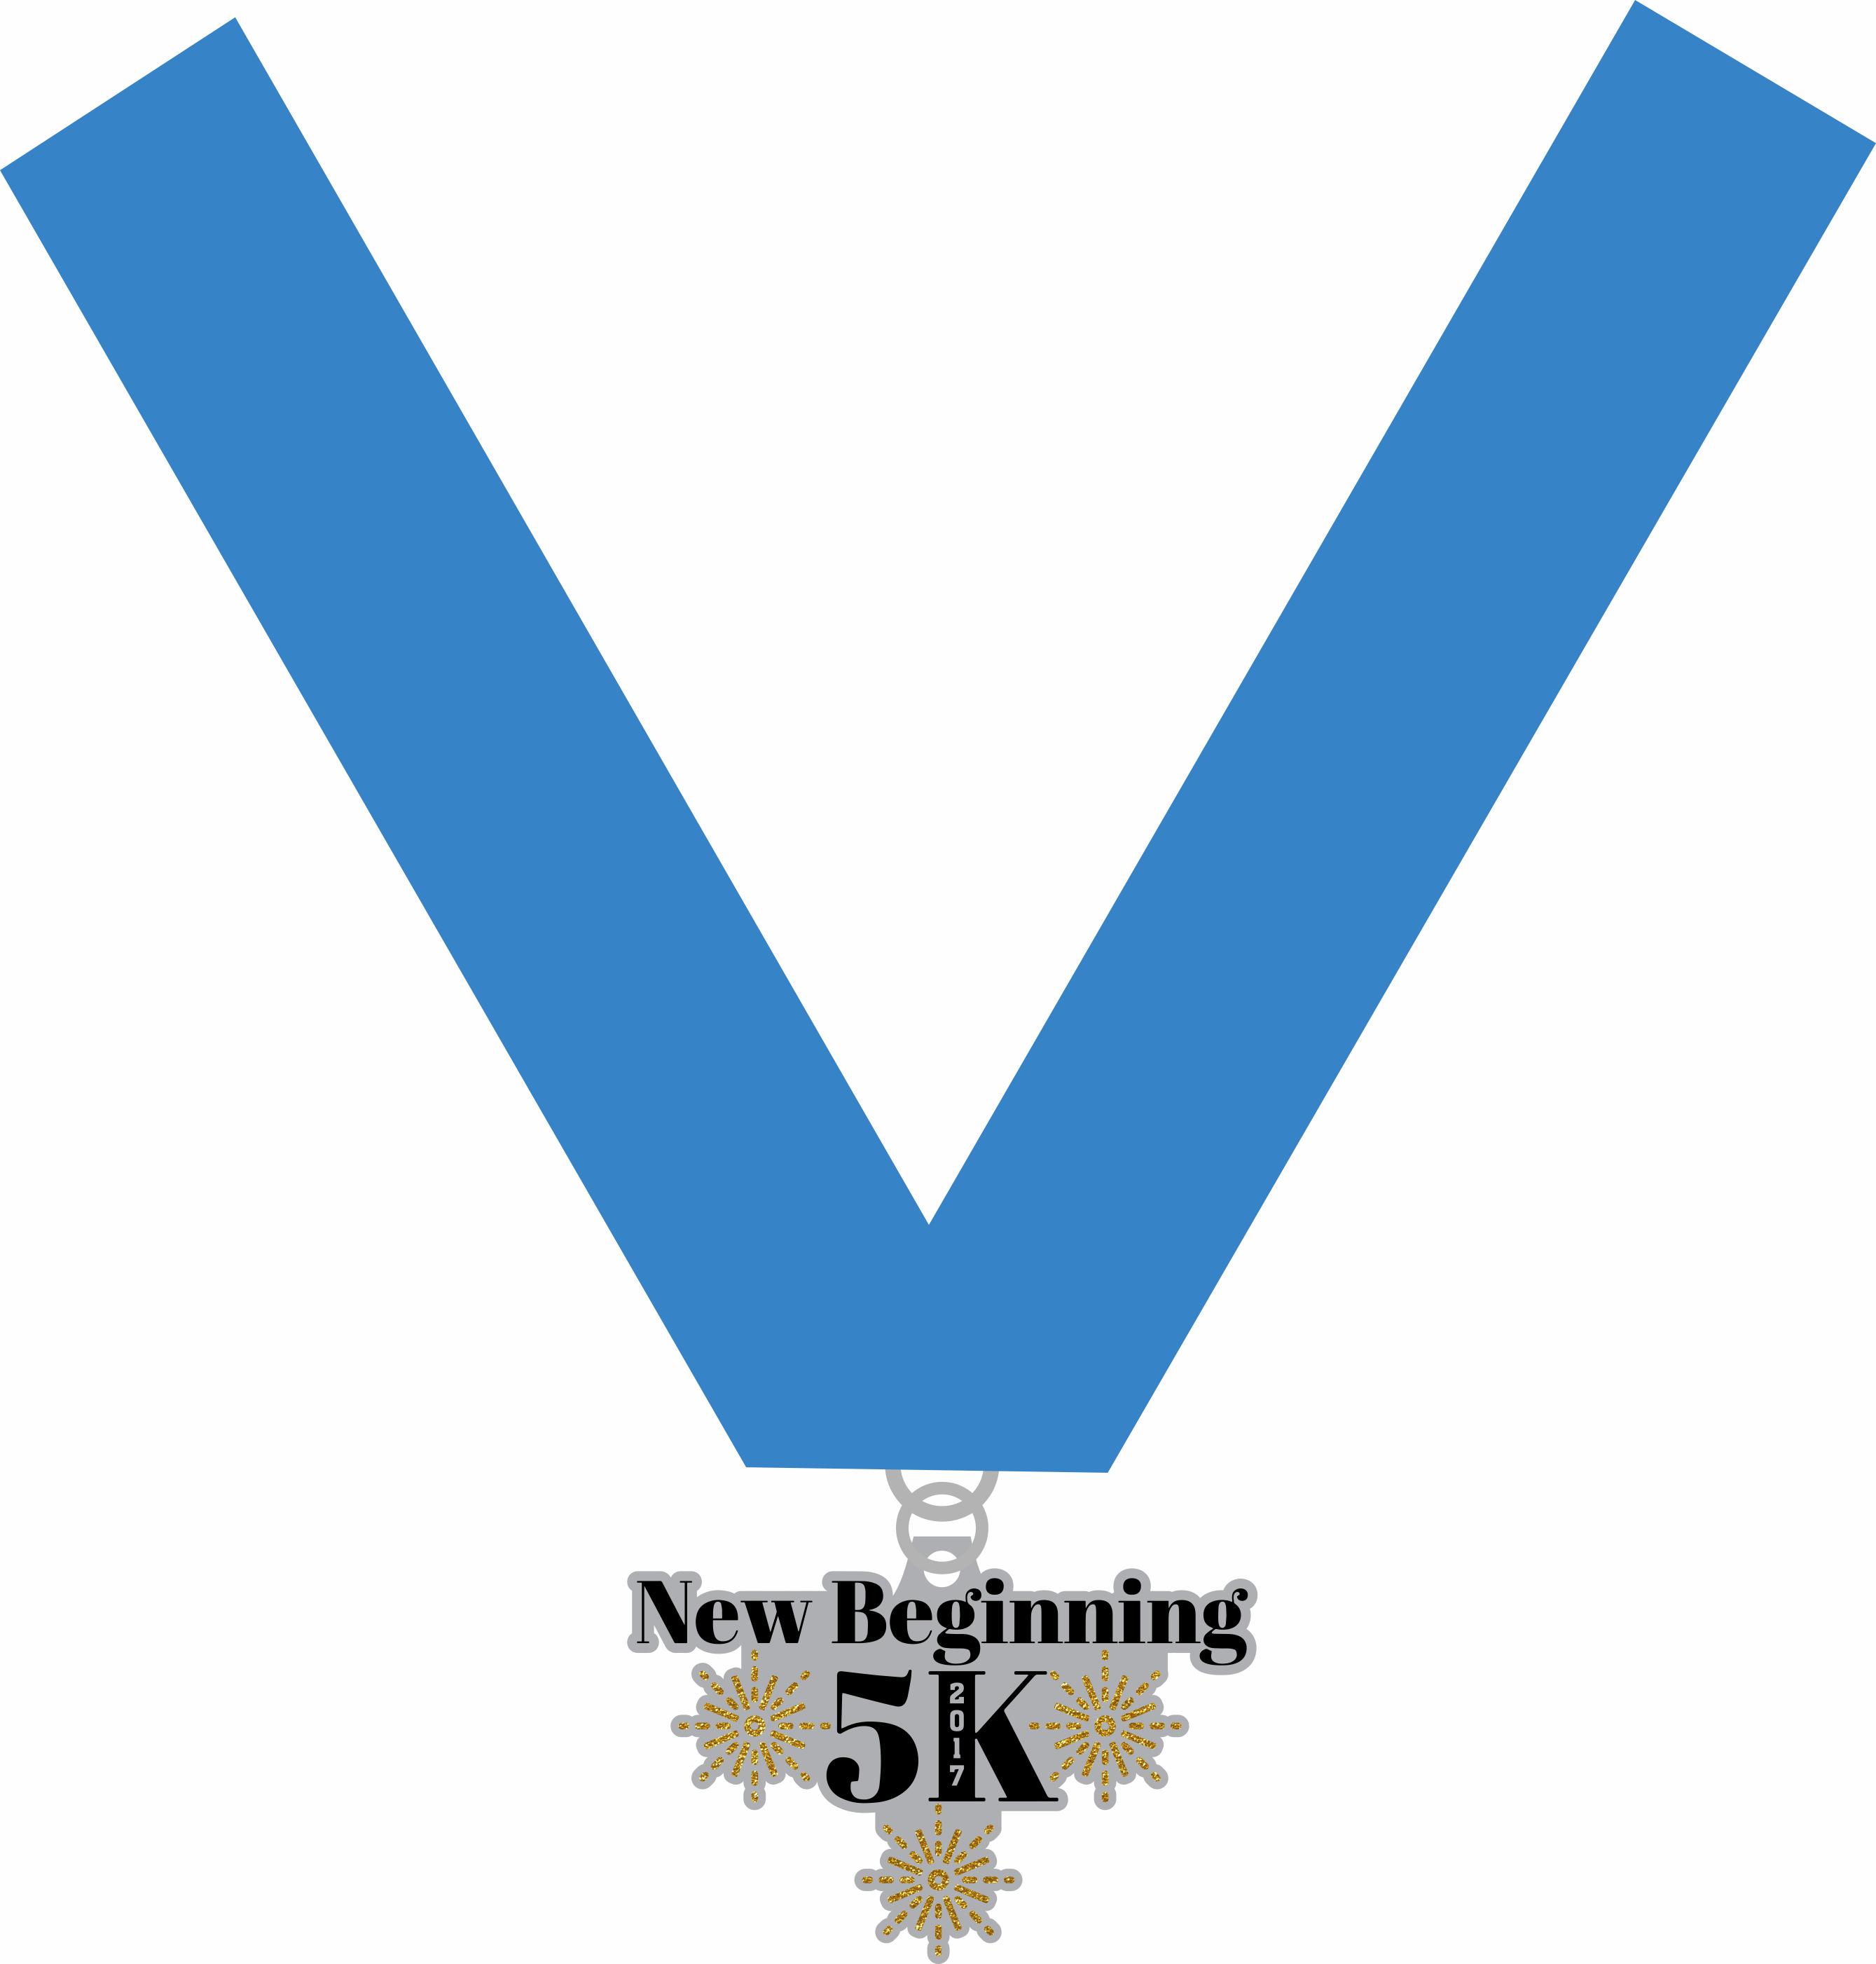 new beginning medal